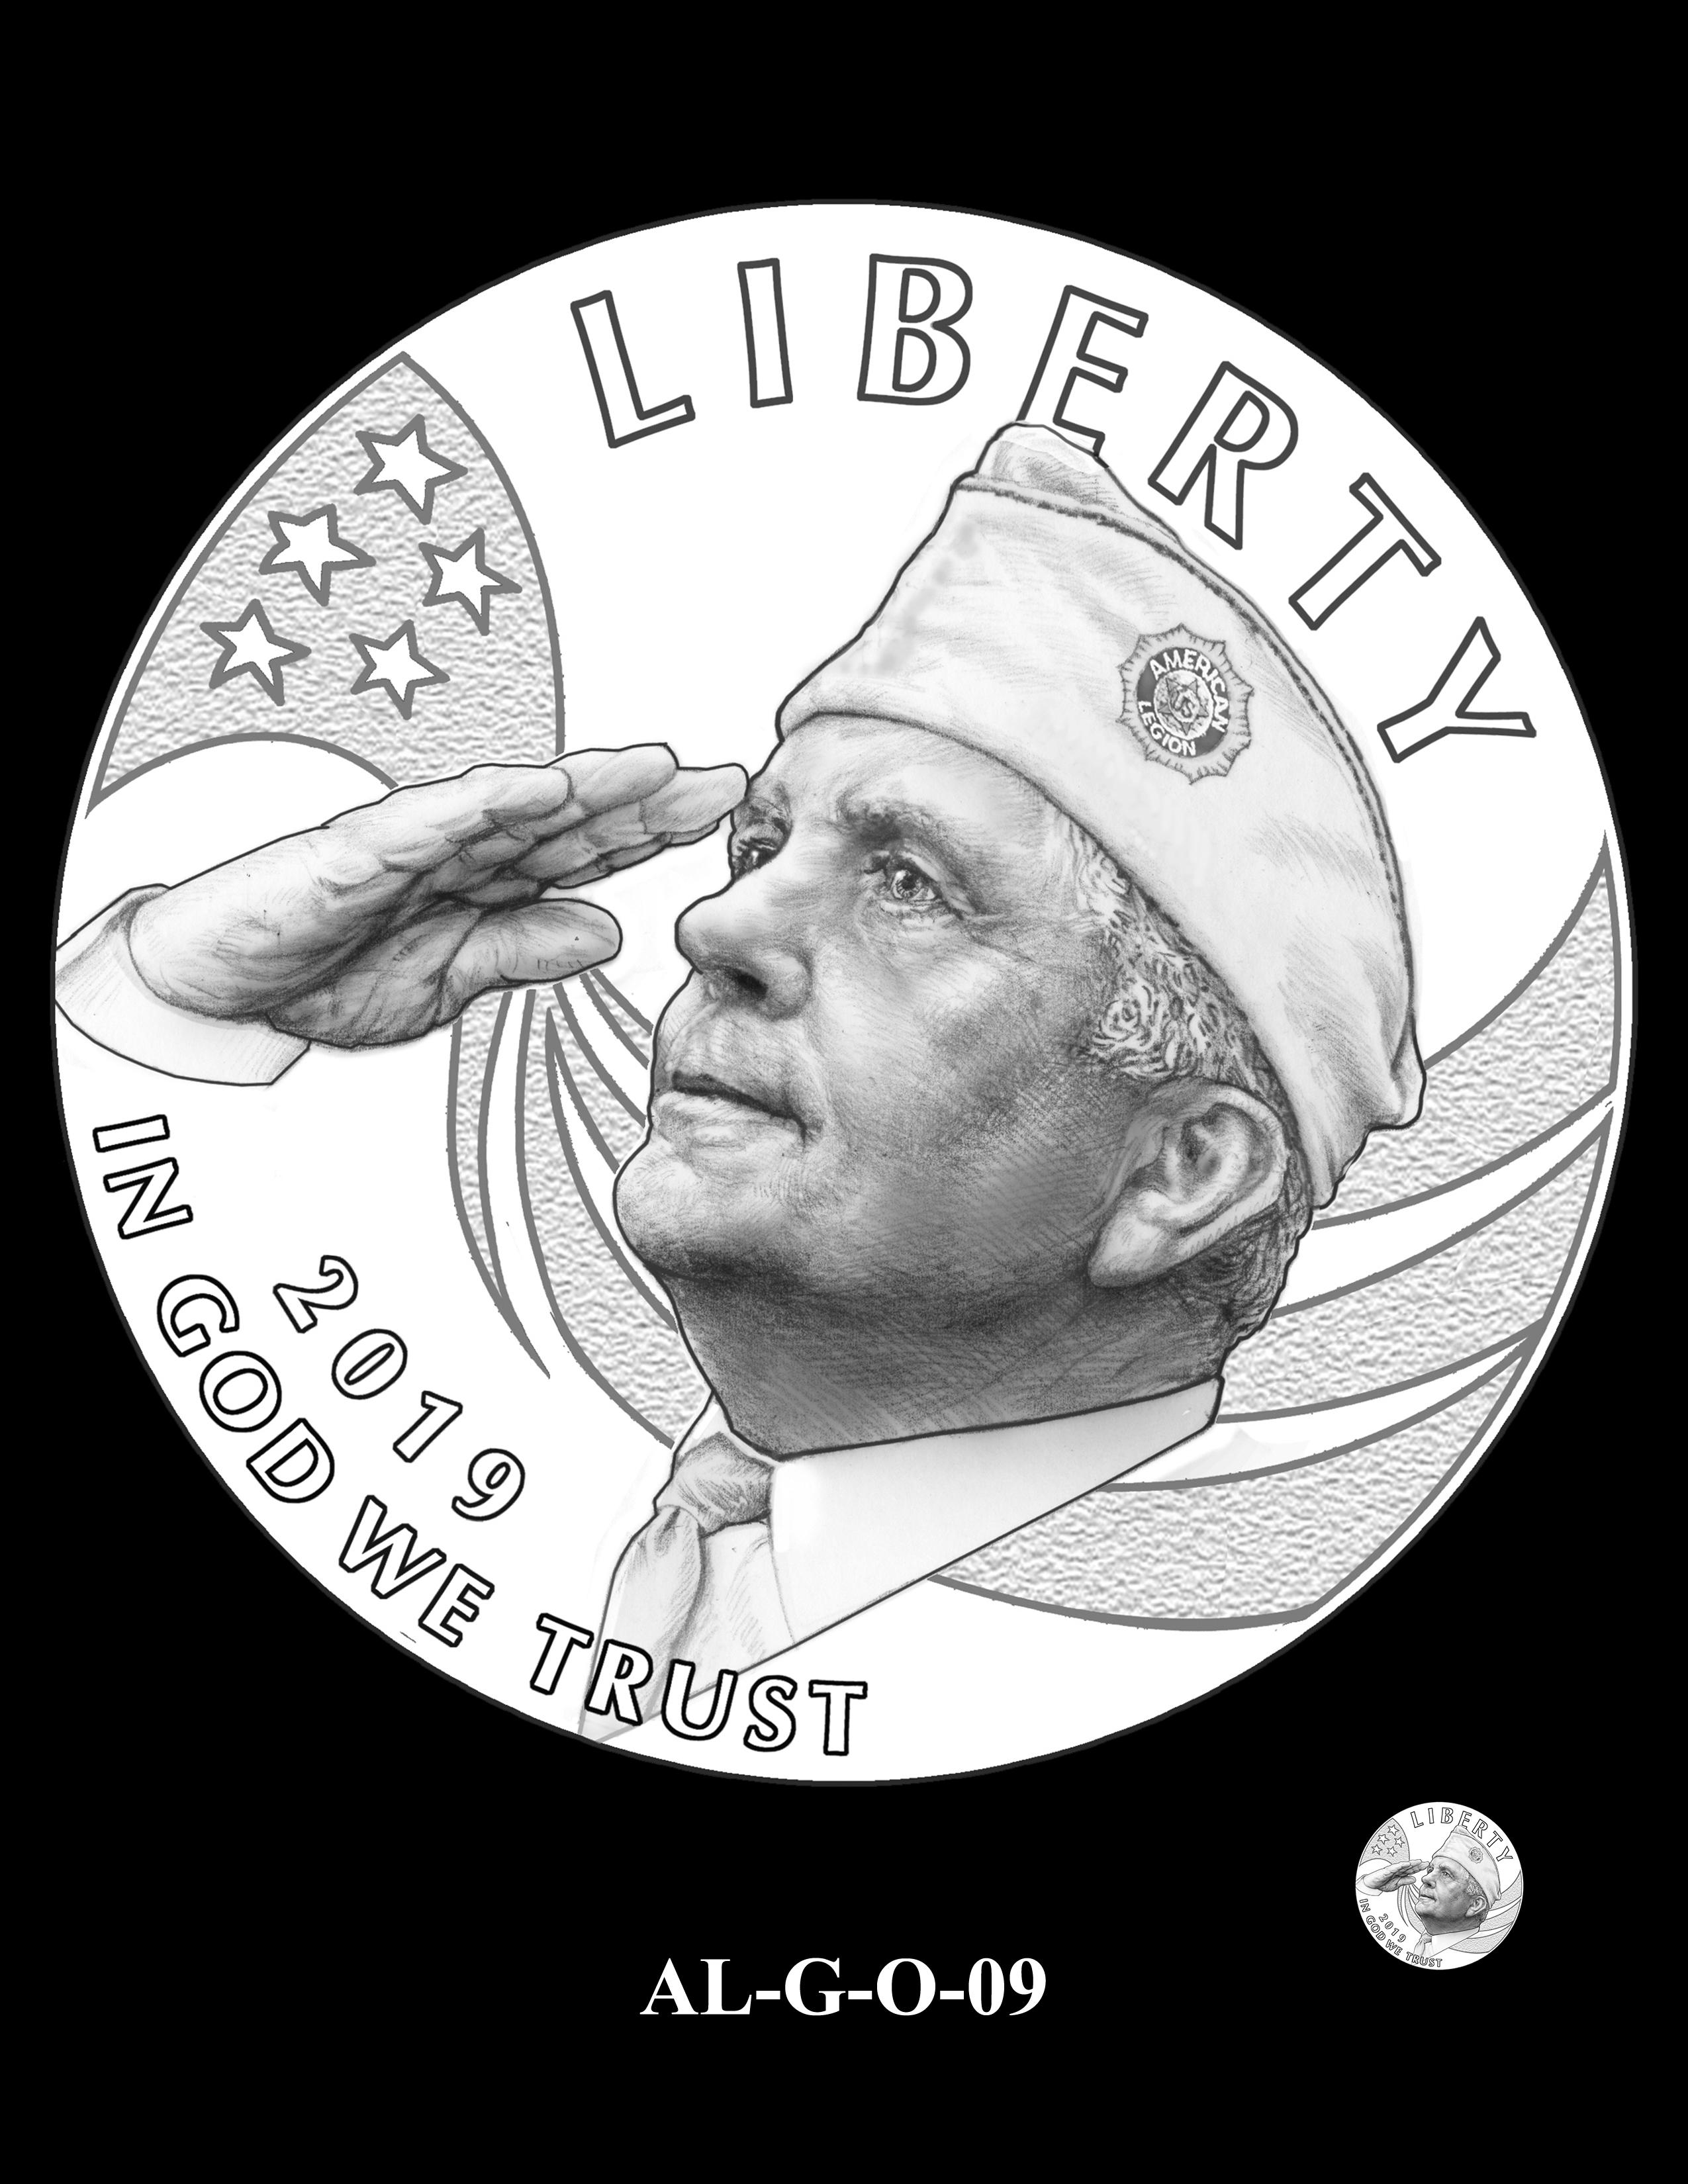 AL-G-O-09 -- 2019 American Legion 100th Anniversary Commemorative Coin Program - Gold Obverse